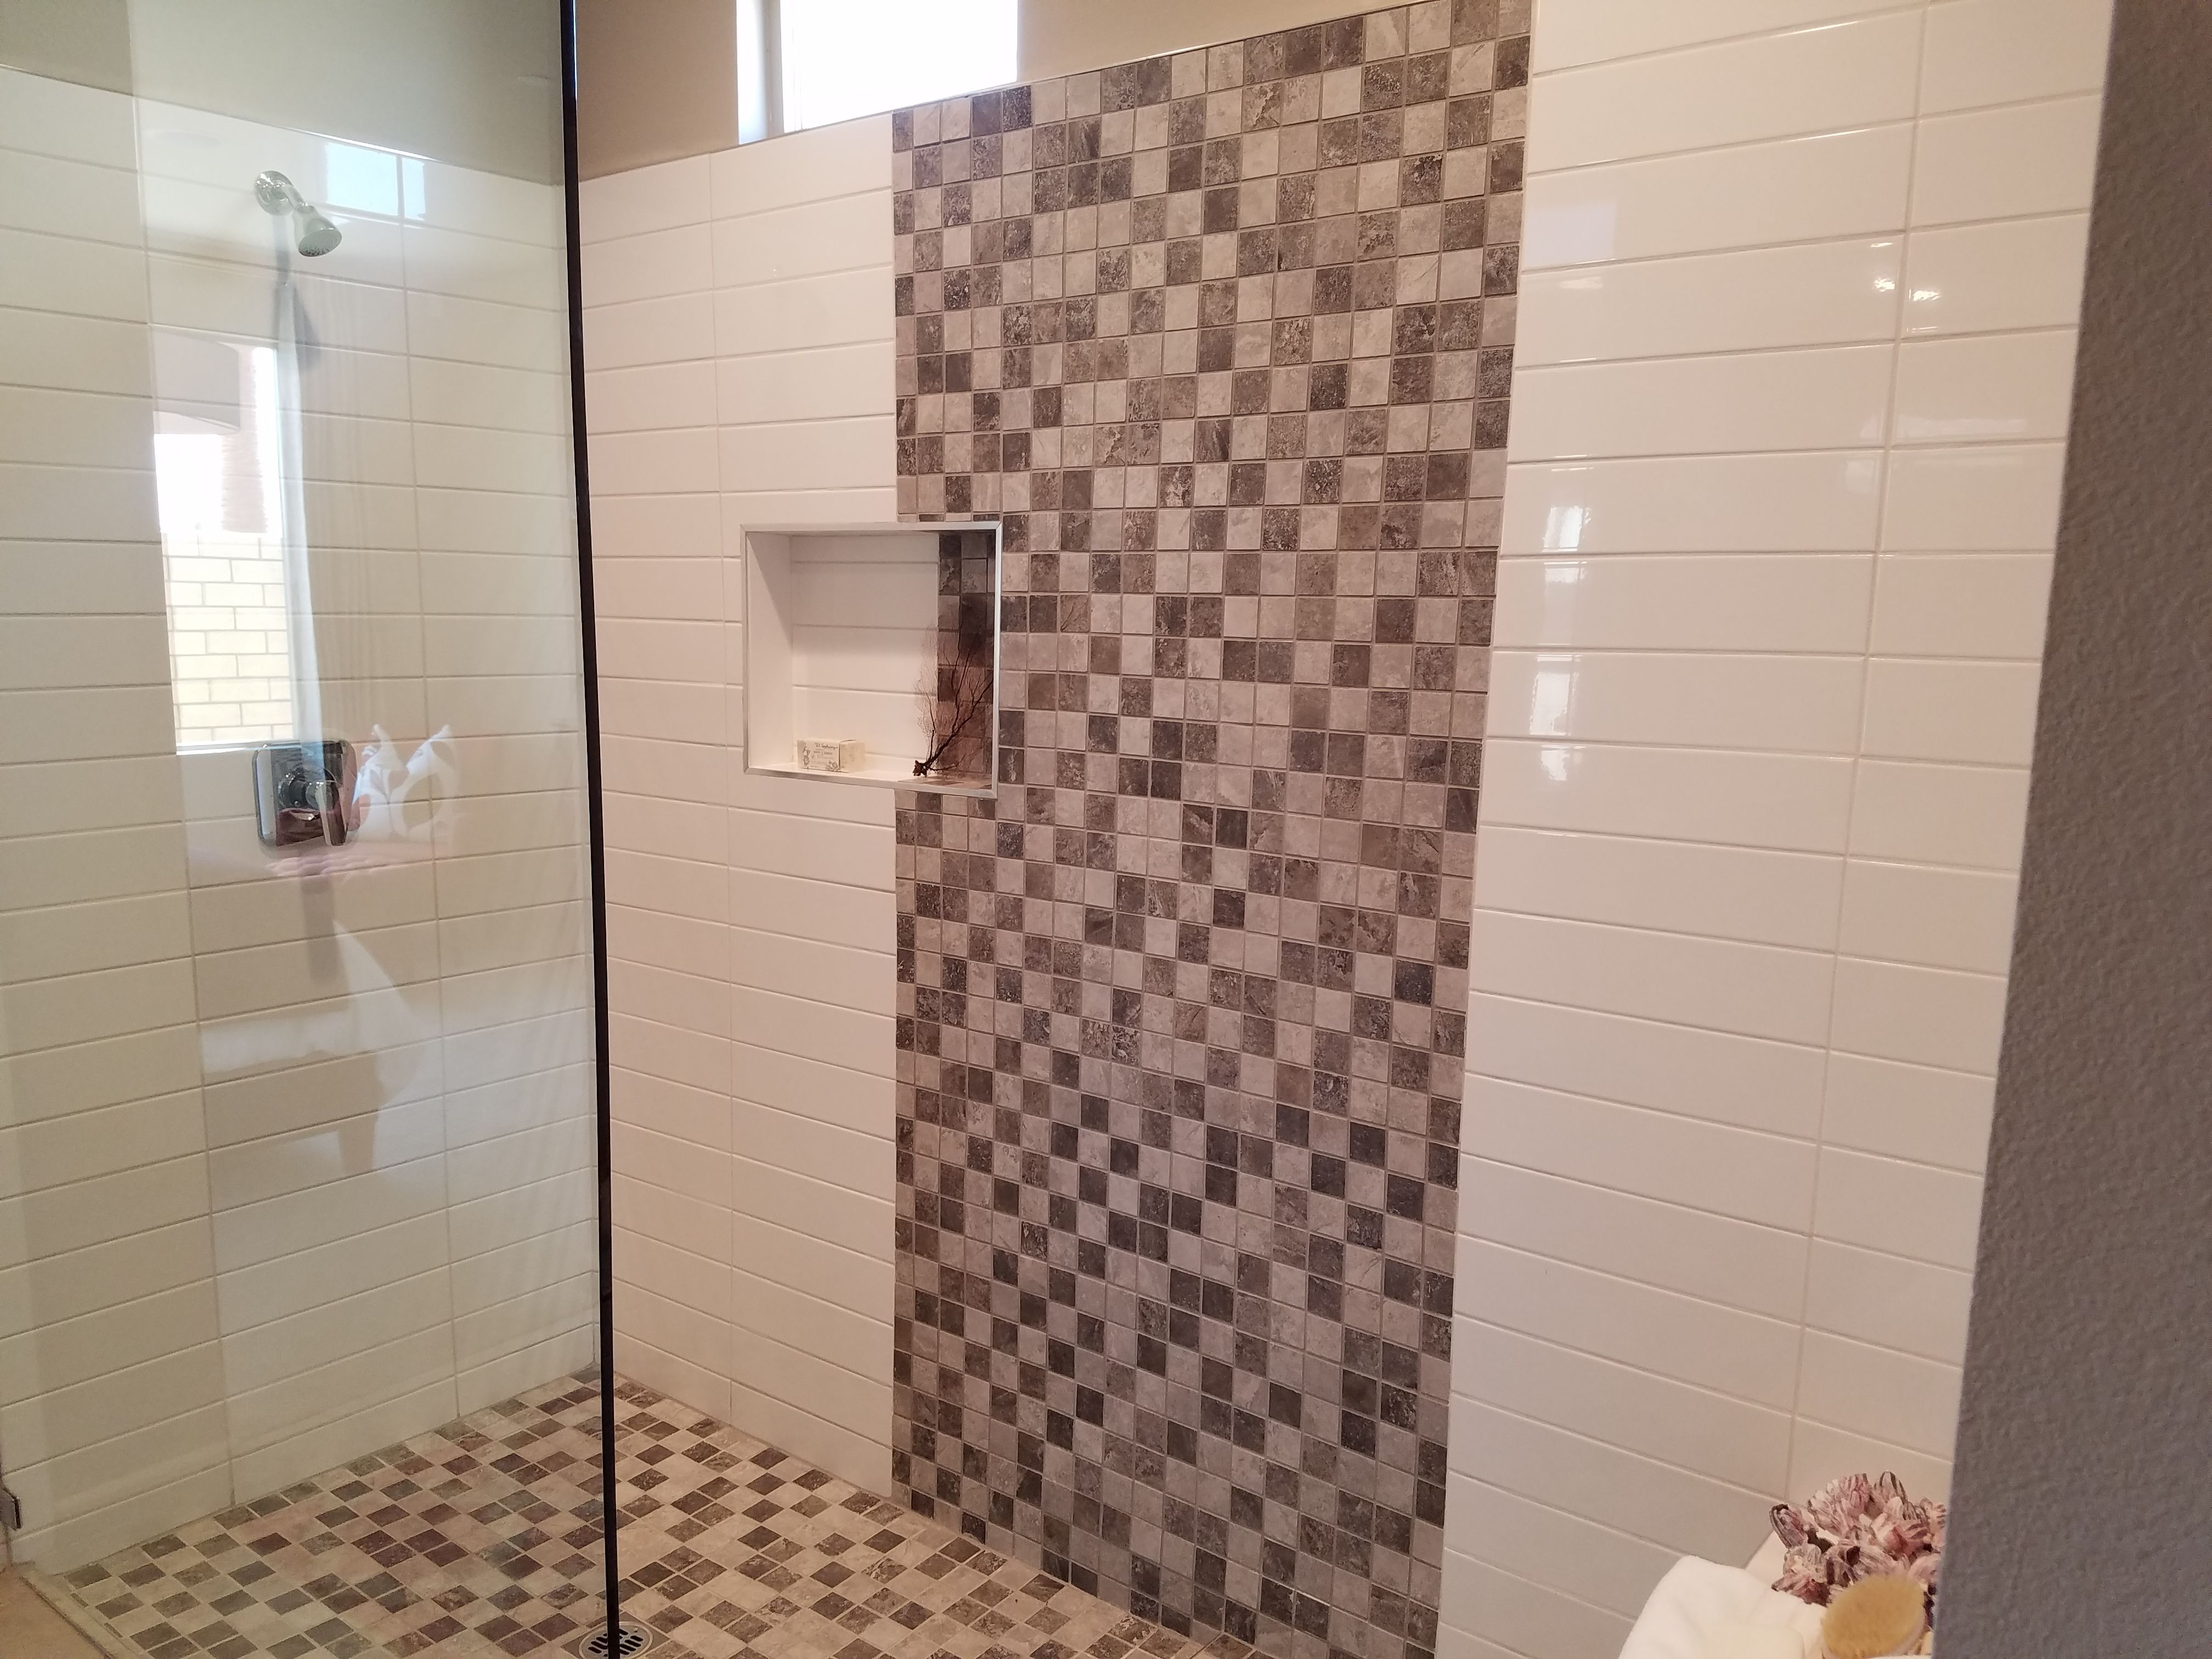 emser tile wall tiles